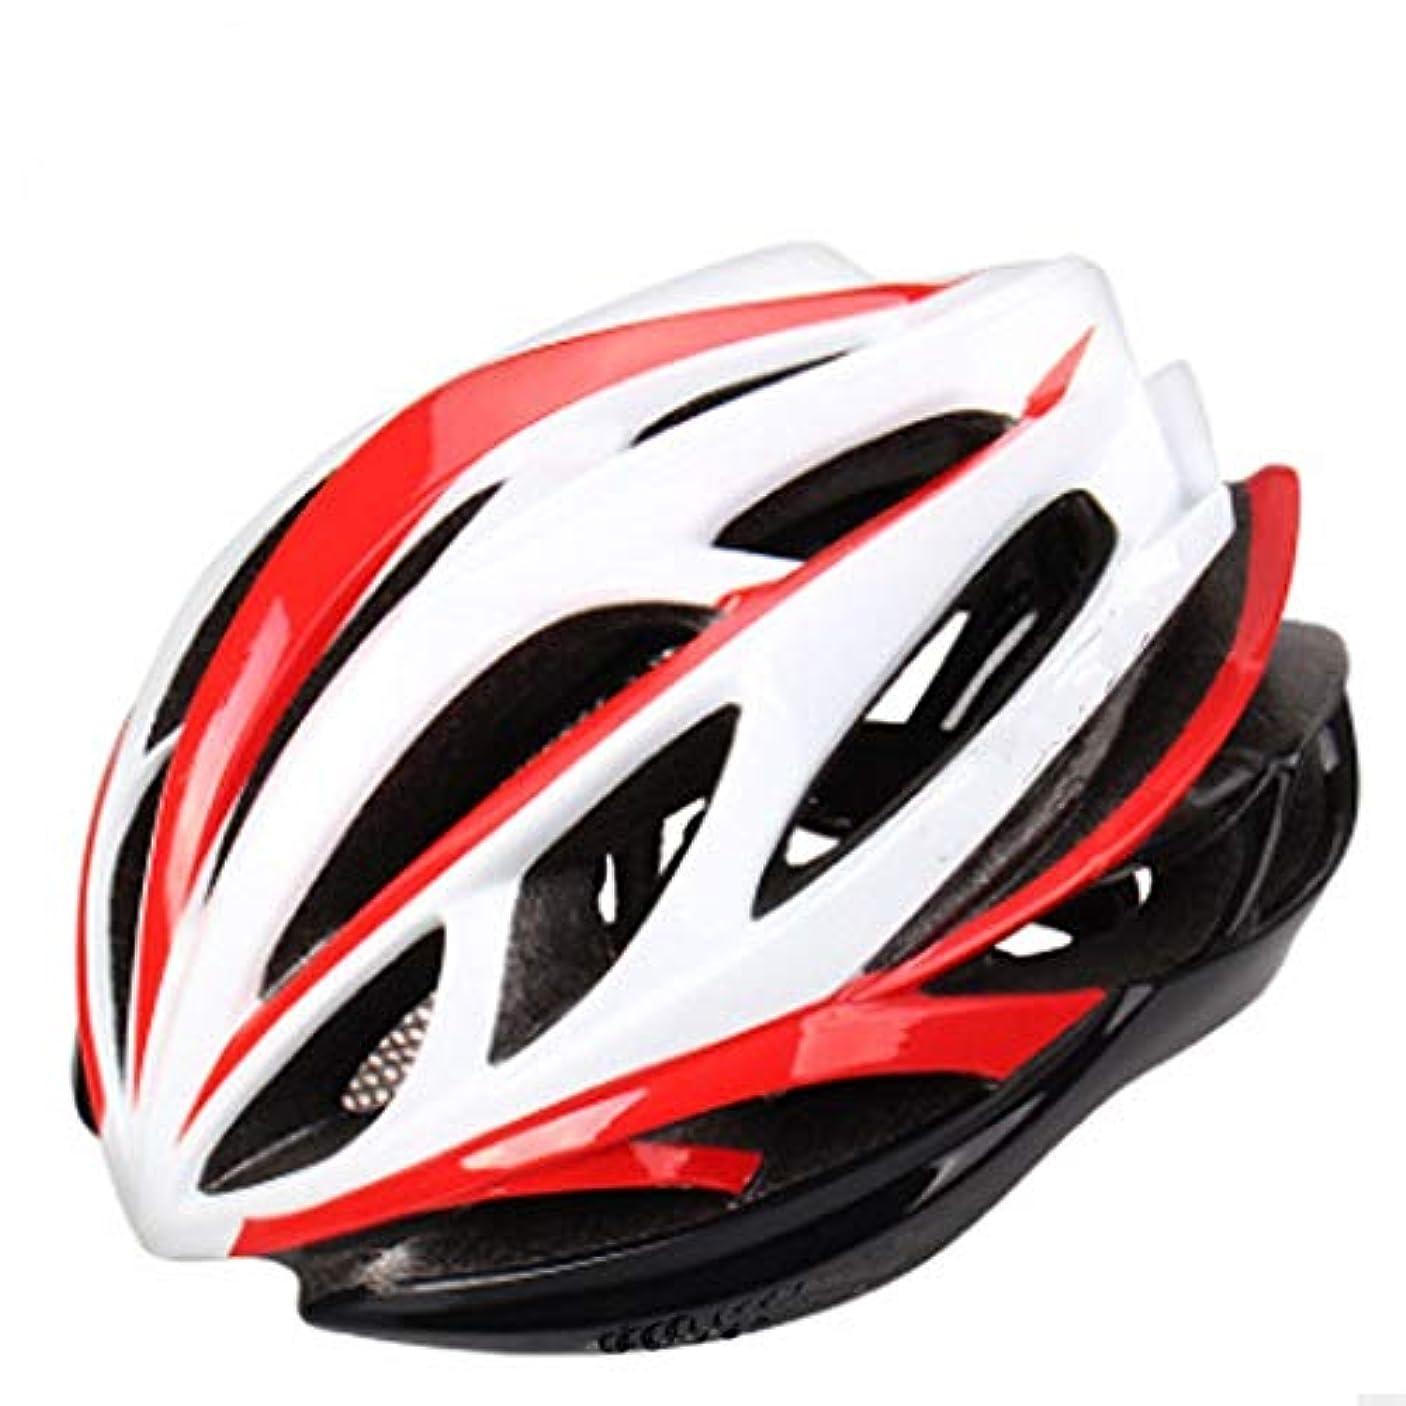 十分ではないコメント明らかにZXF ワンピースライディングヘルメット24穴軽量クラッシュヘルメット男性と女性の通気性ヘルメットデッドフライ自転車ヘルメット 安全 (色 : Red)